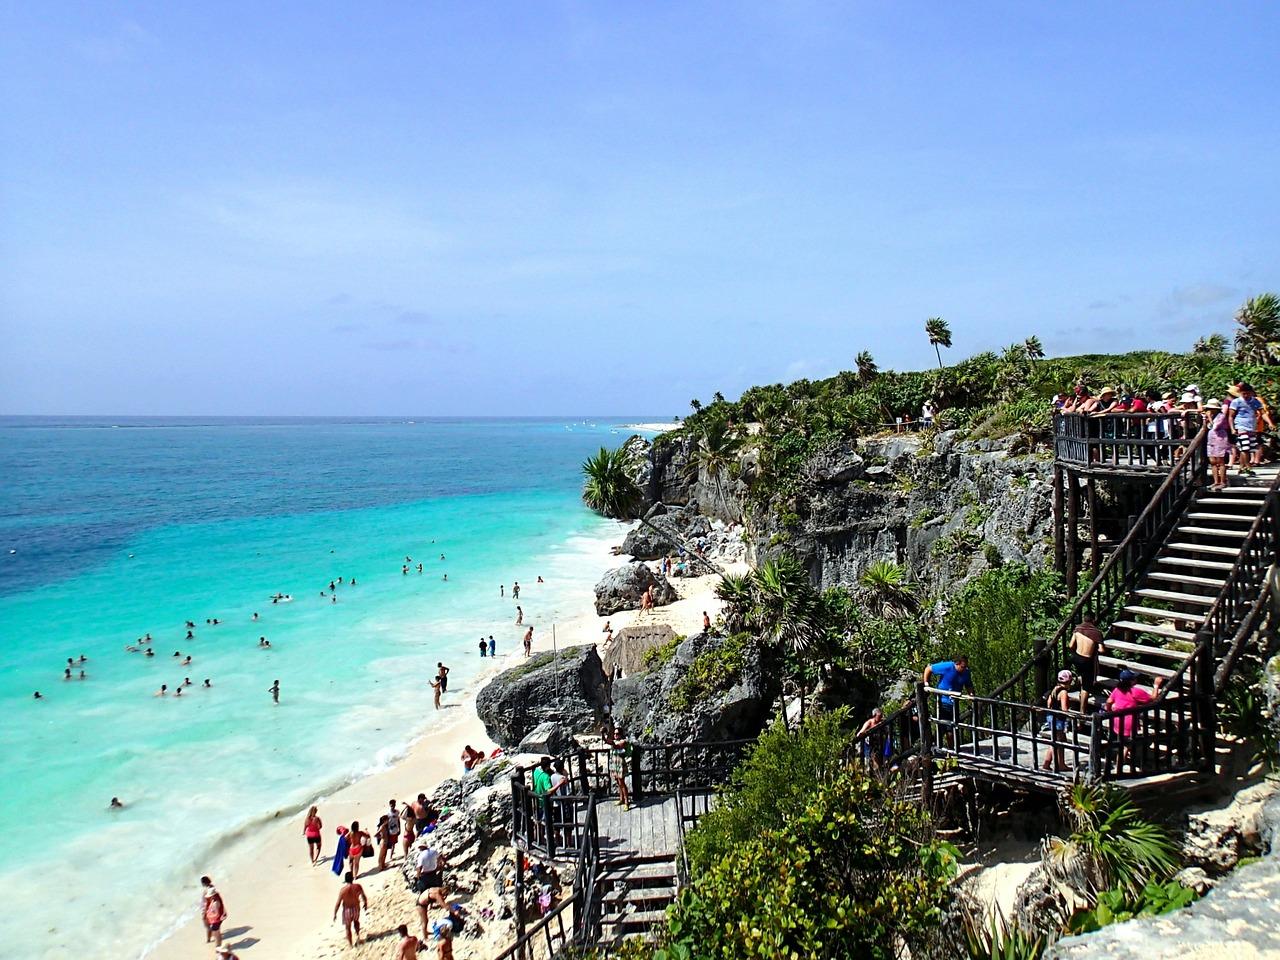 public beaches in Tulum Mexico